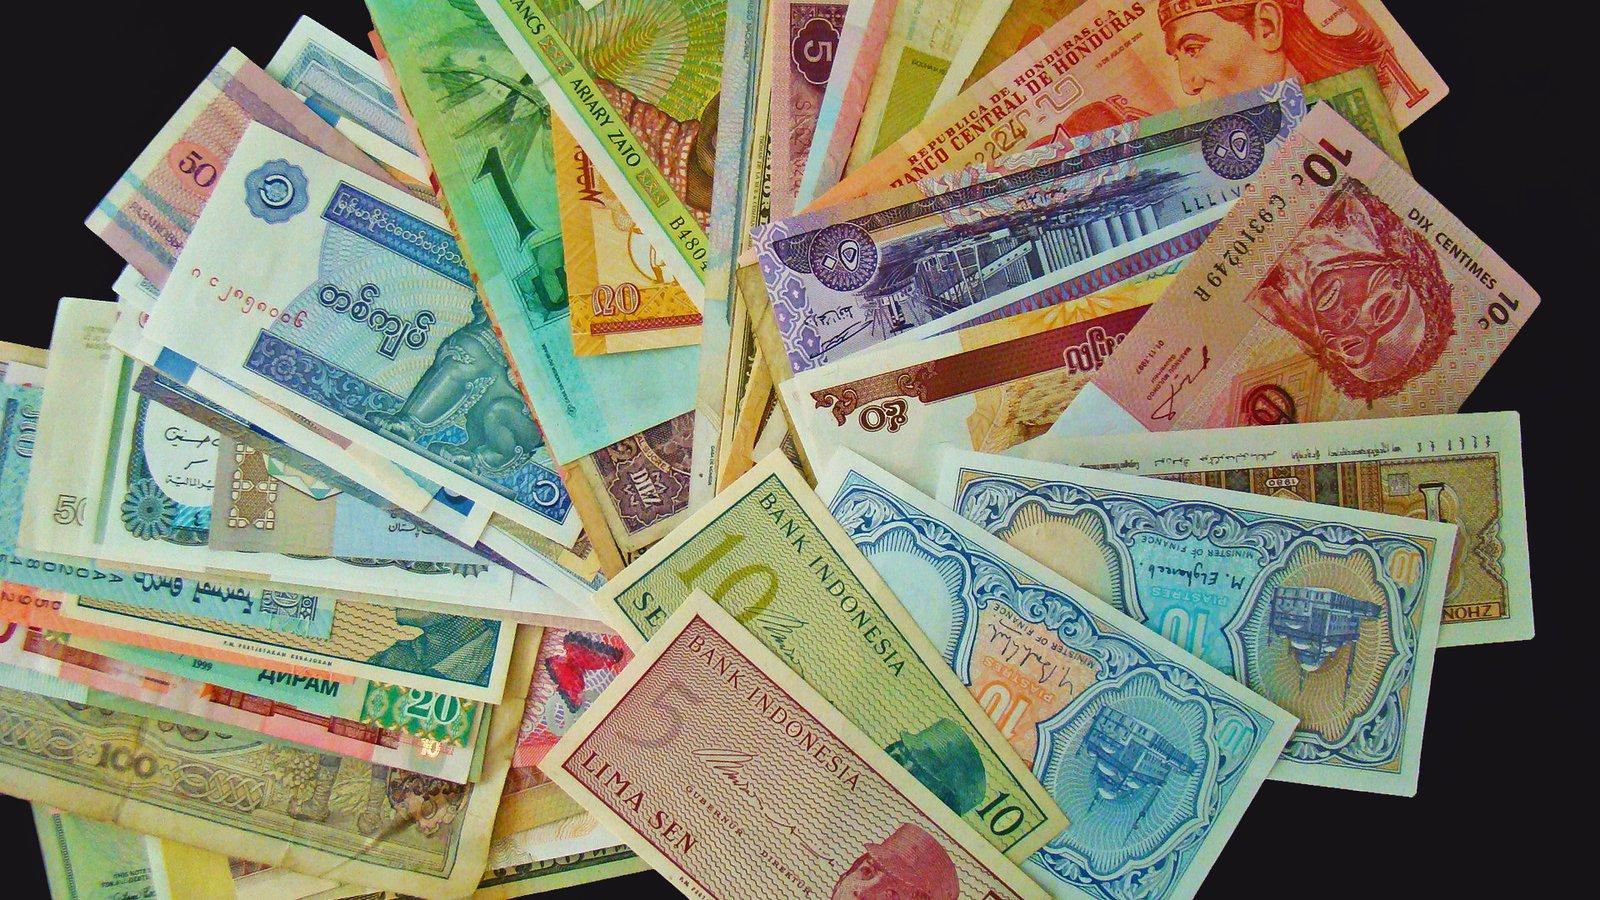 Rüyada Birine Kağıt Para Dolar Verdiğini Görmek